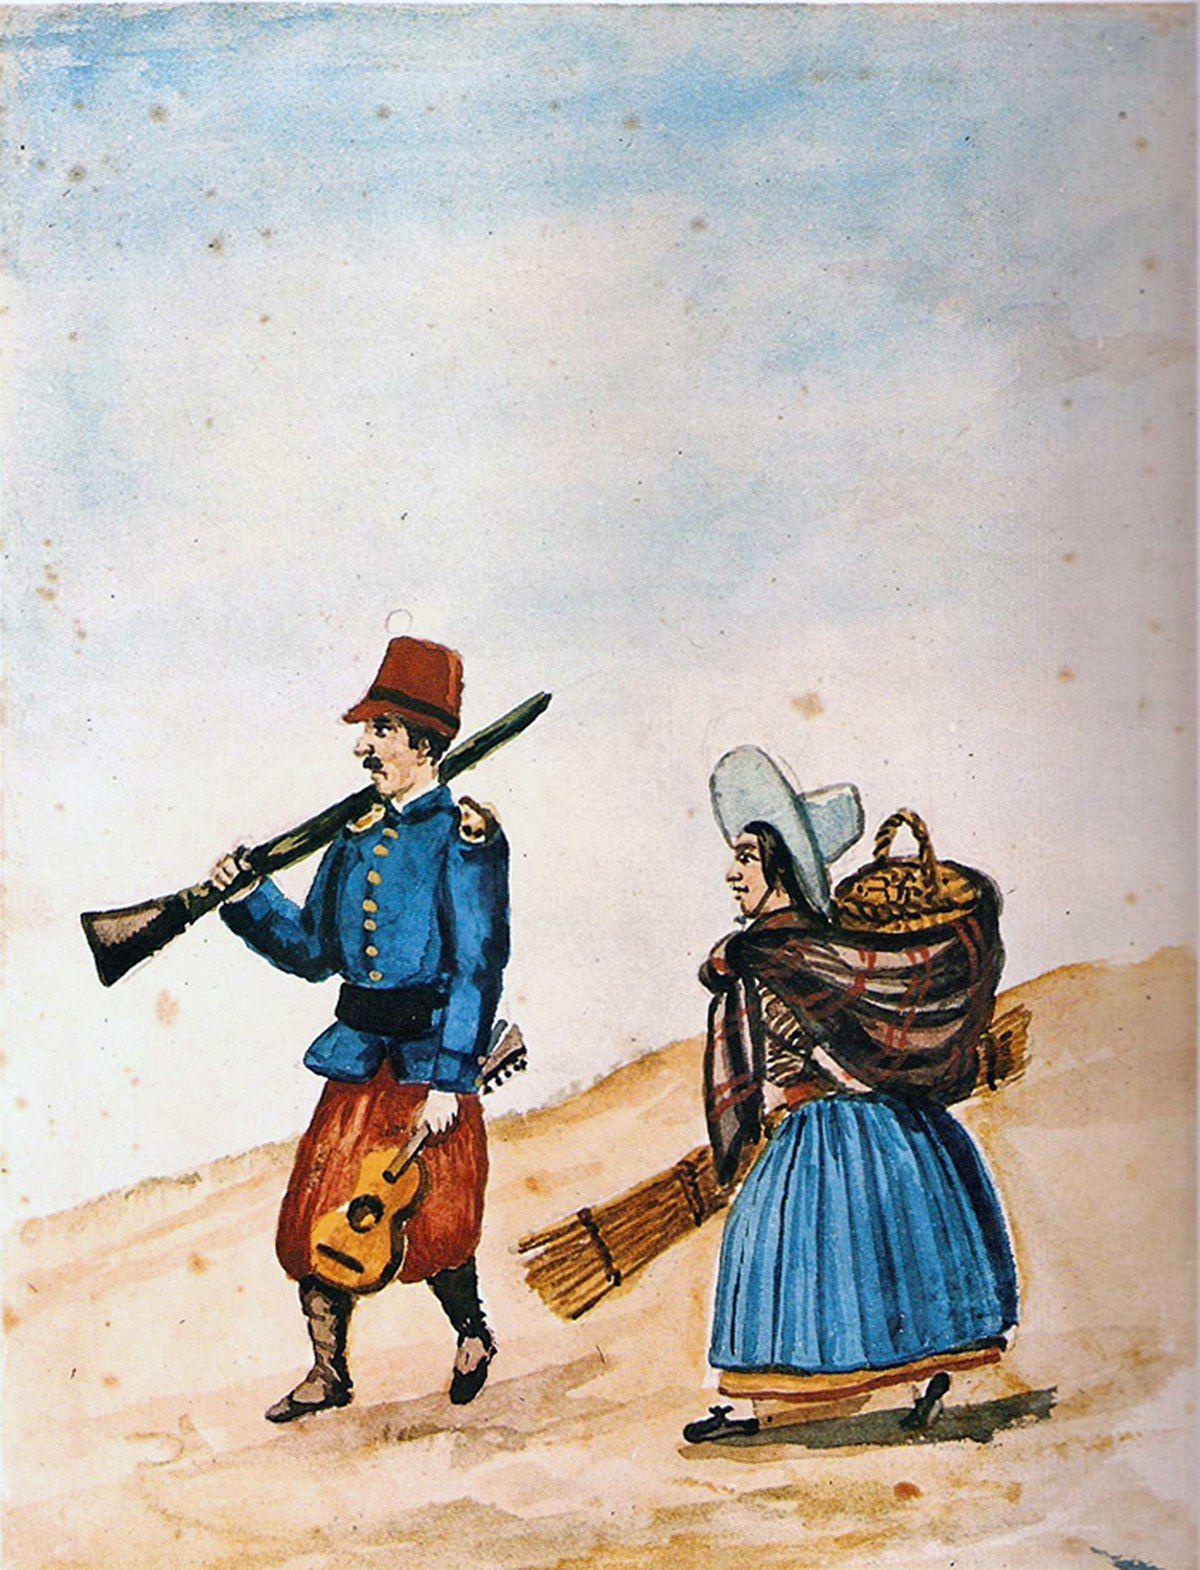 Rabona (personaje) - Wikipedia, la enciclopedia libre   Arte del perú,  Arte, Producción artística